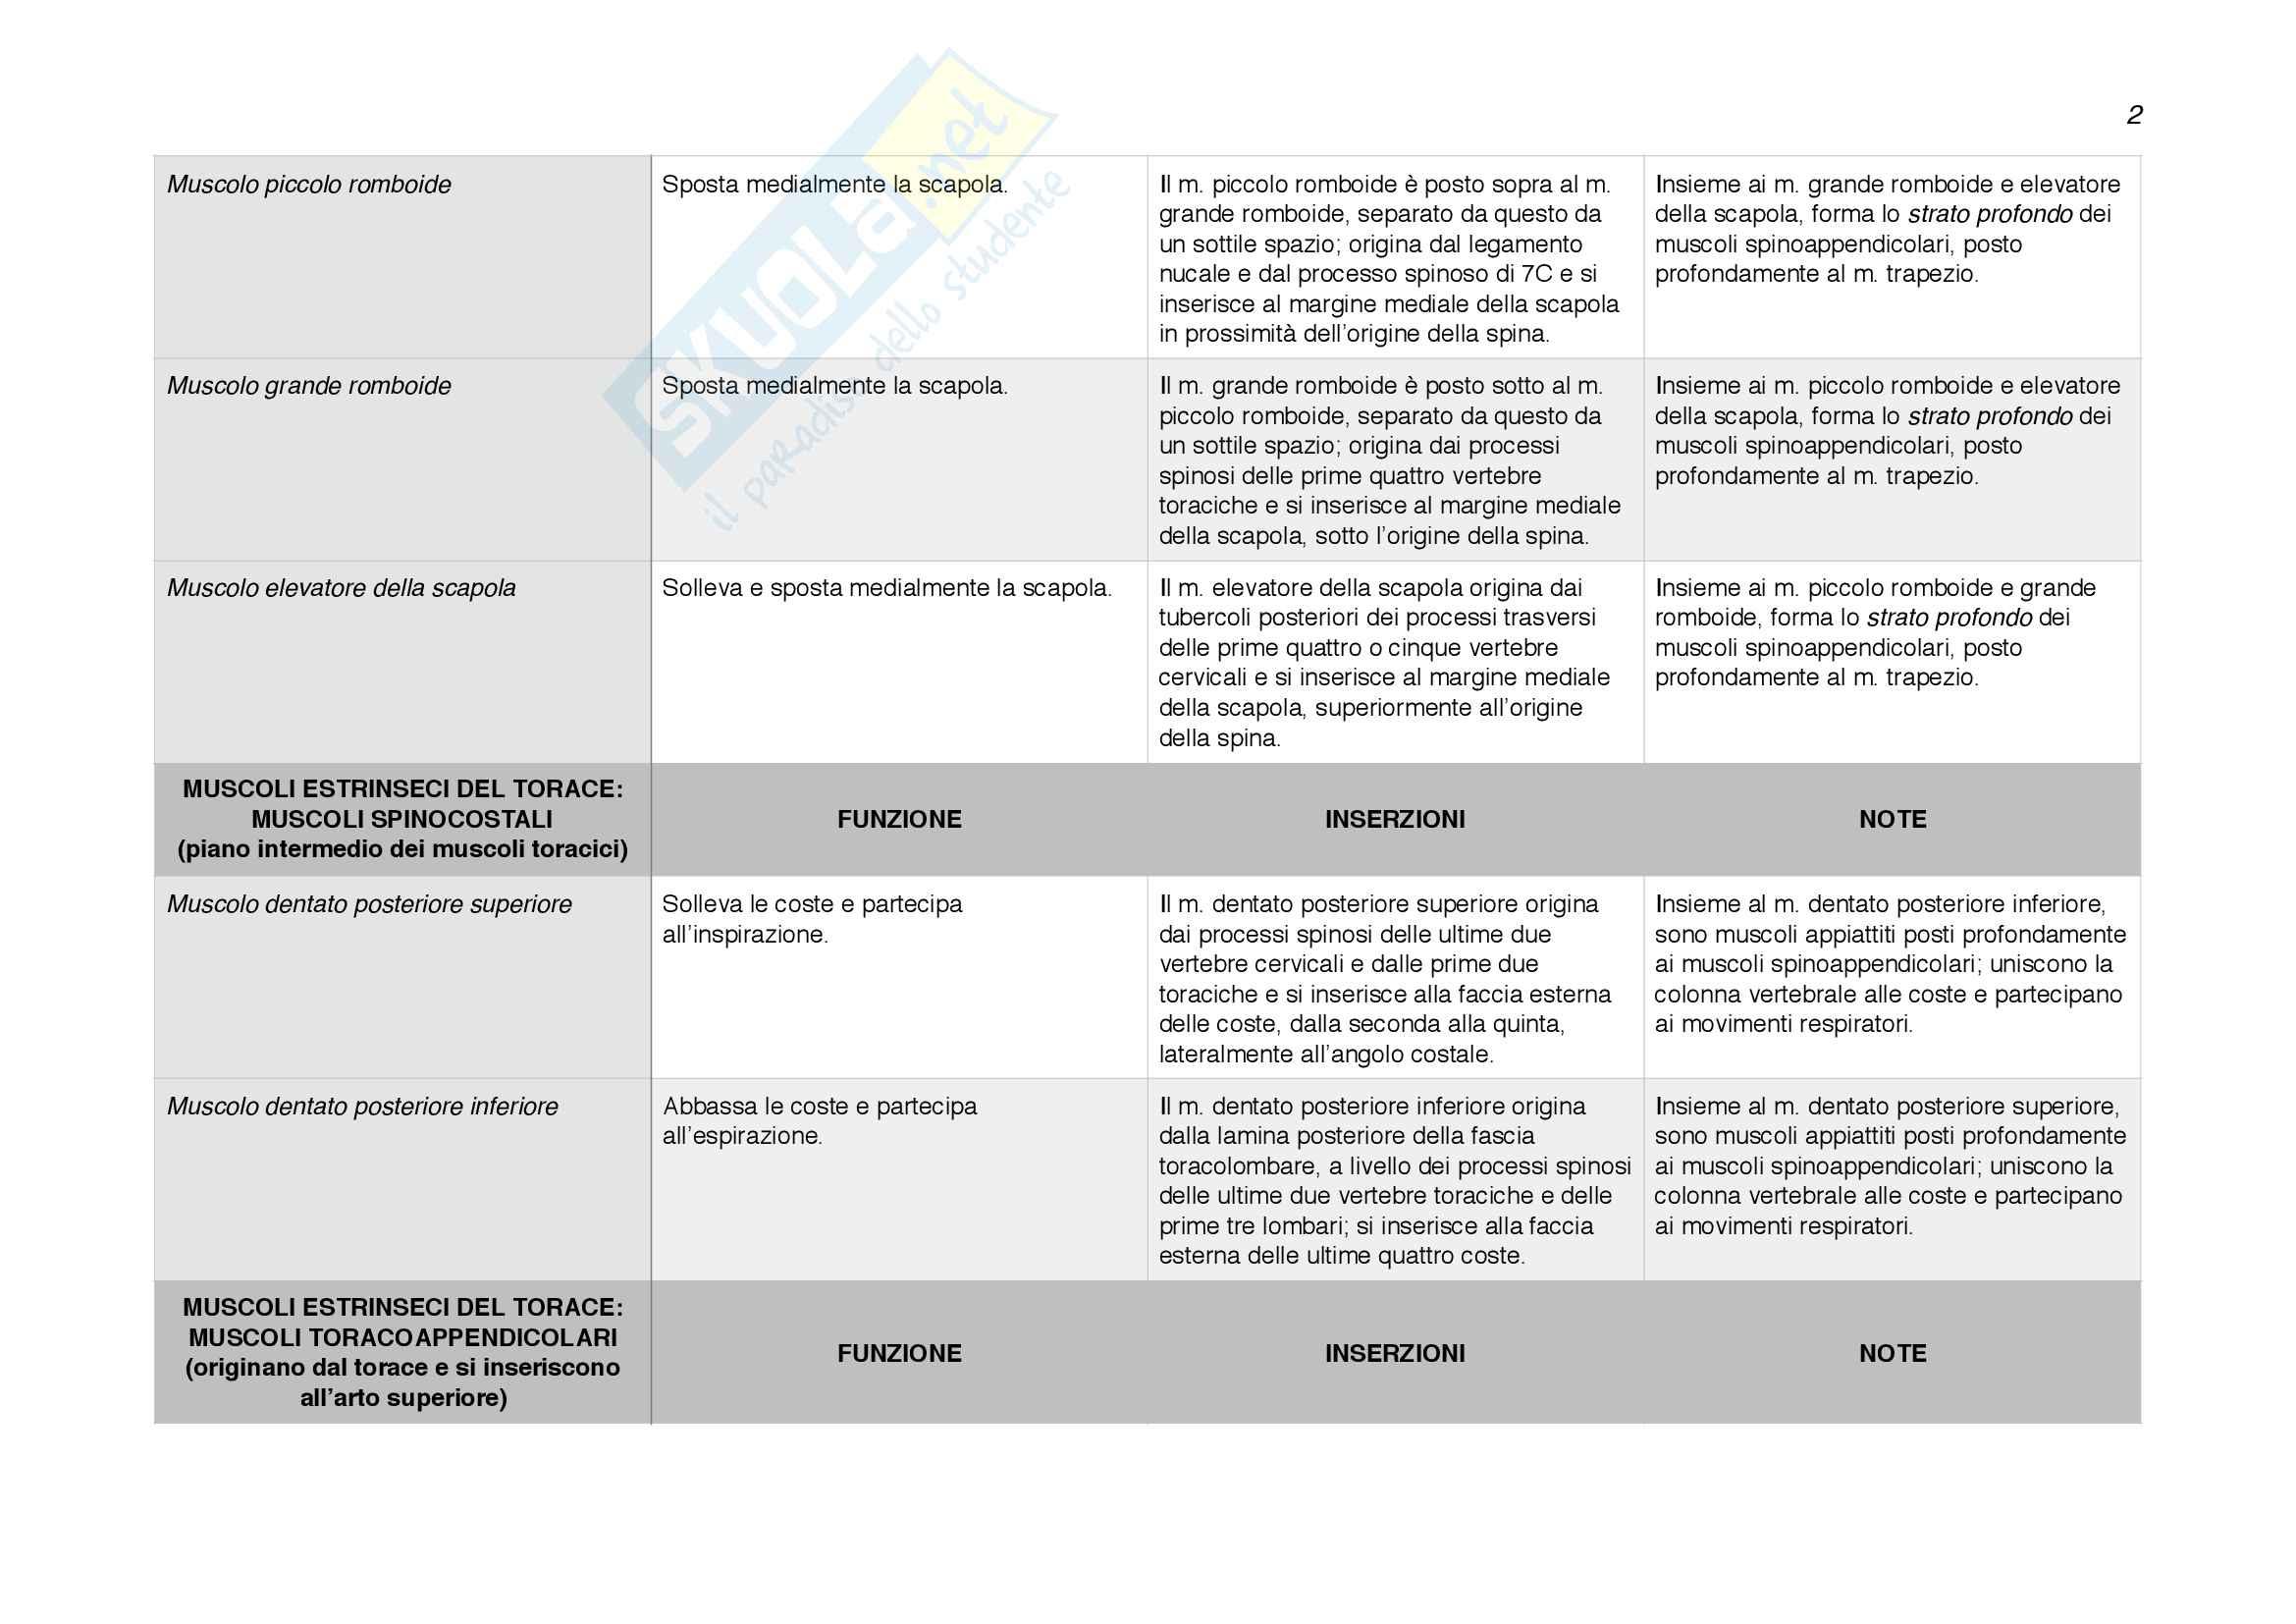 Origini e inserzioni muscolari; funzioni dei muscoli. Pag. 2